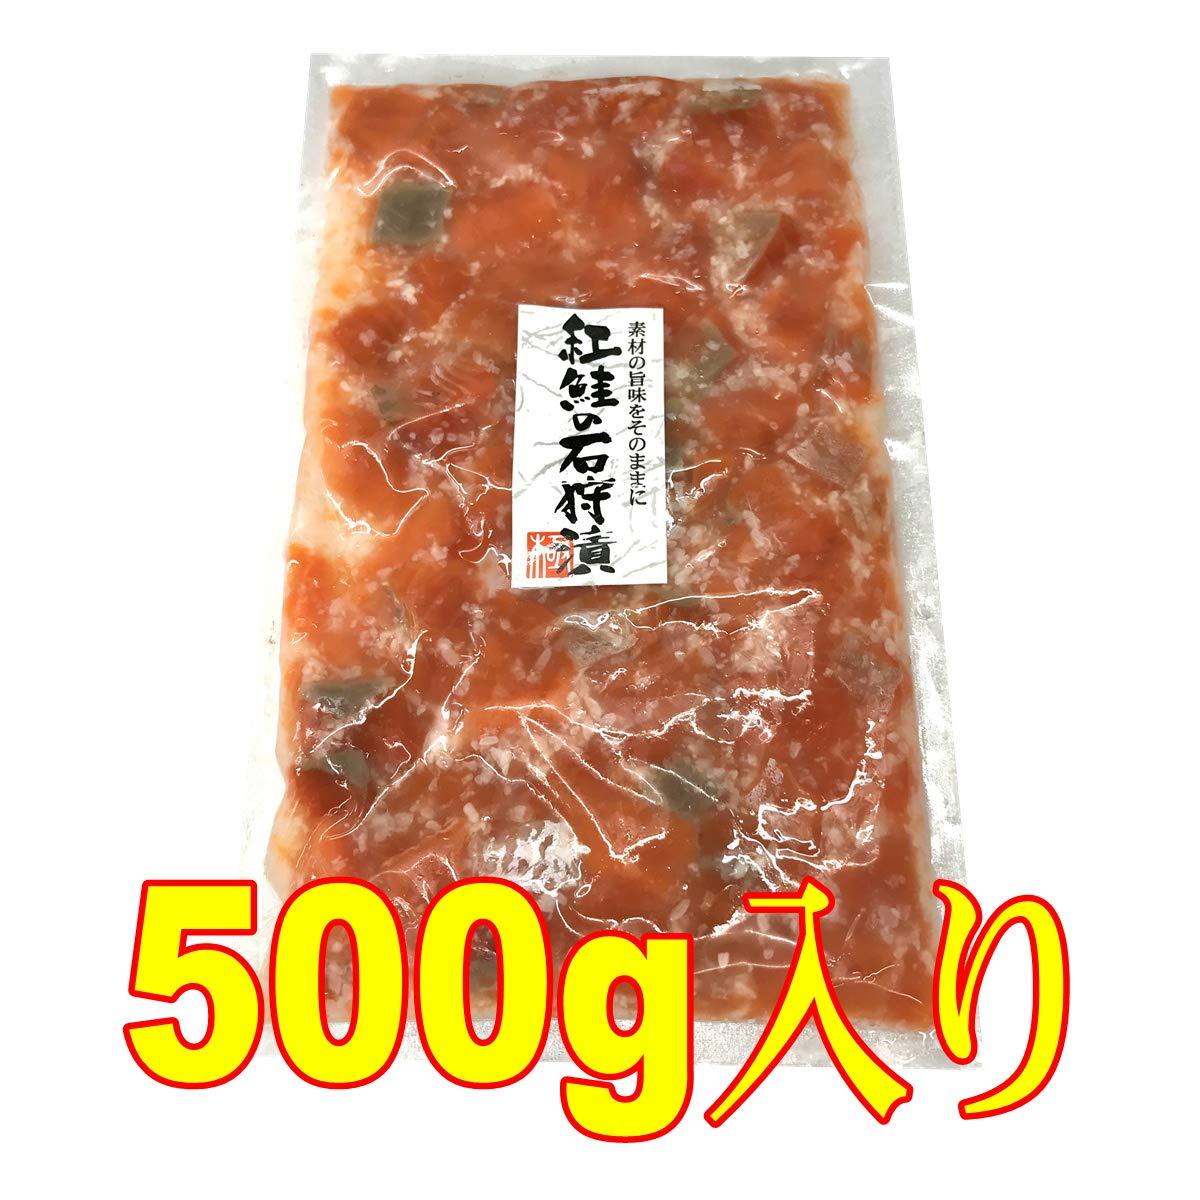 紅鮭 石狩 漬け 1kg(500g×2)【北海道加工・天然紅鮭使用】  天然の紅鮭の皮や骨を丁寧に取り除き、お刺身でも食べられるほど鮮度の良い紅鮭を糀に漬け込みました【冷凍便】